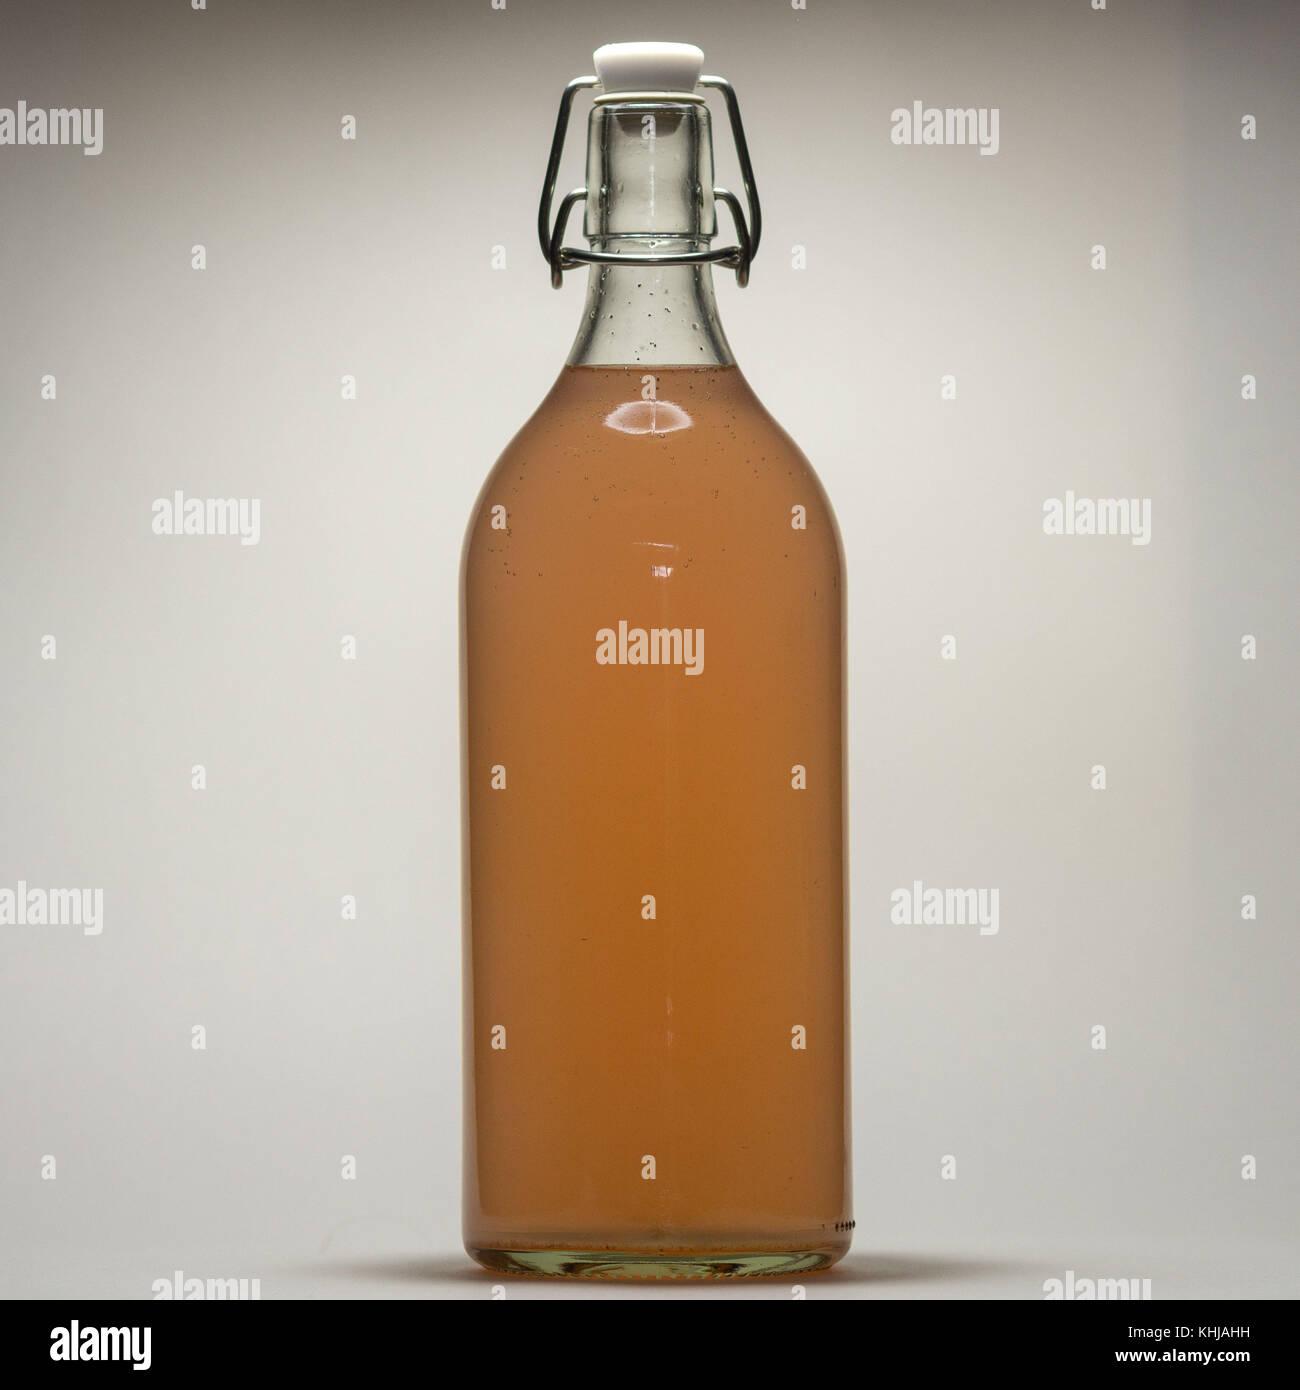 Bottled water kefir - Stock Image